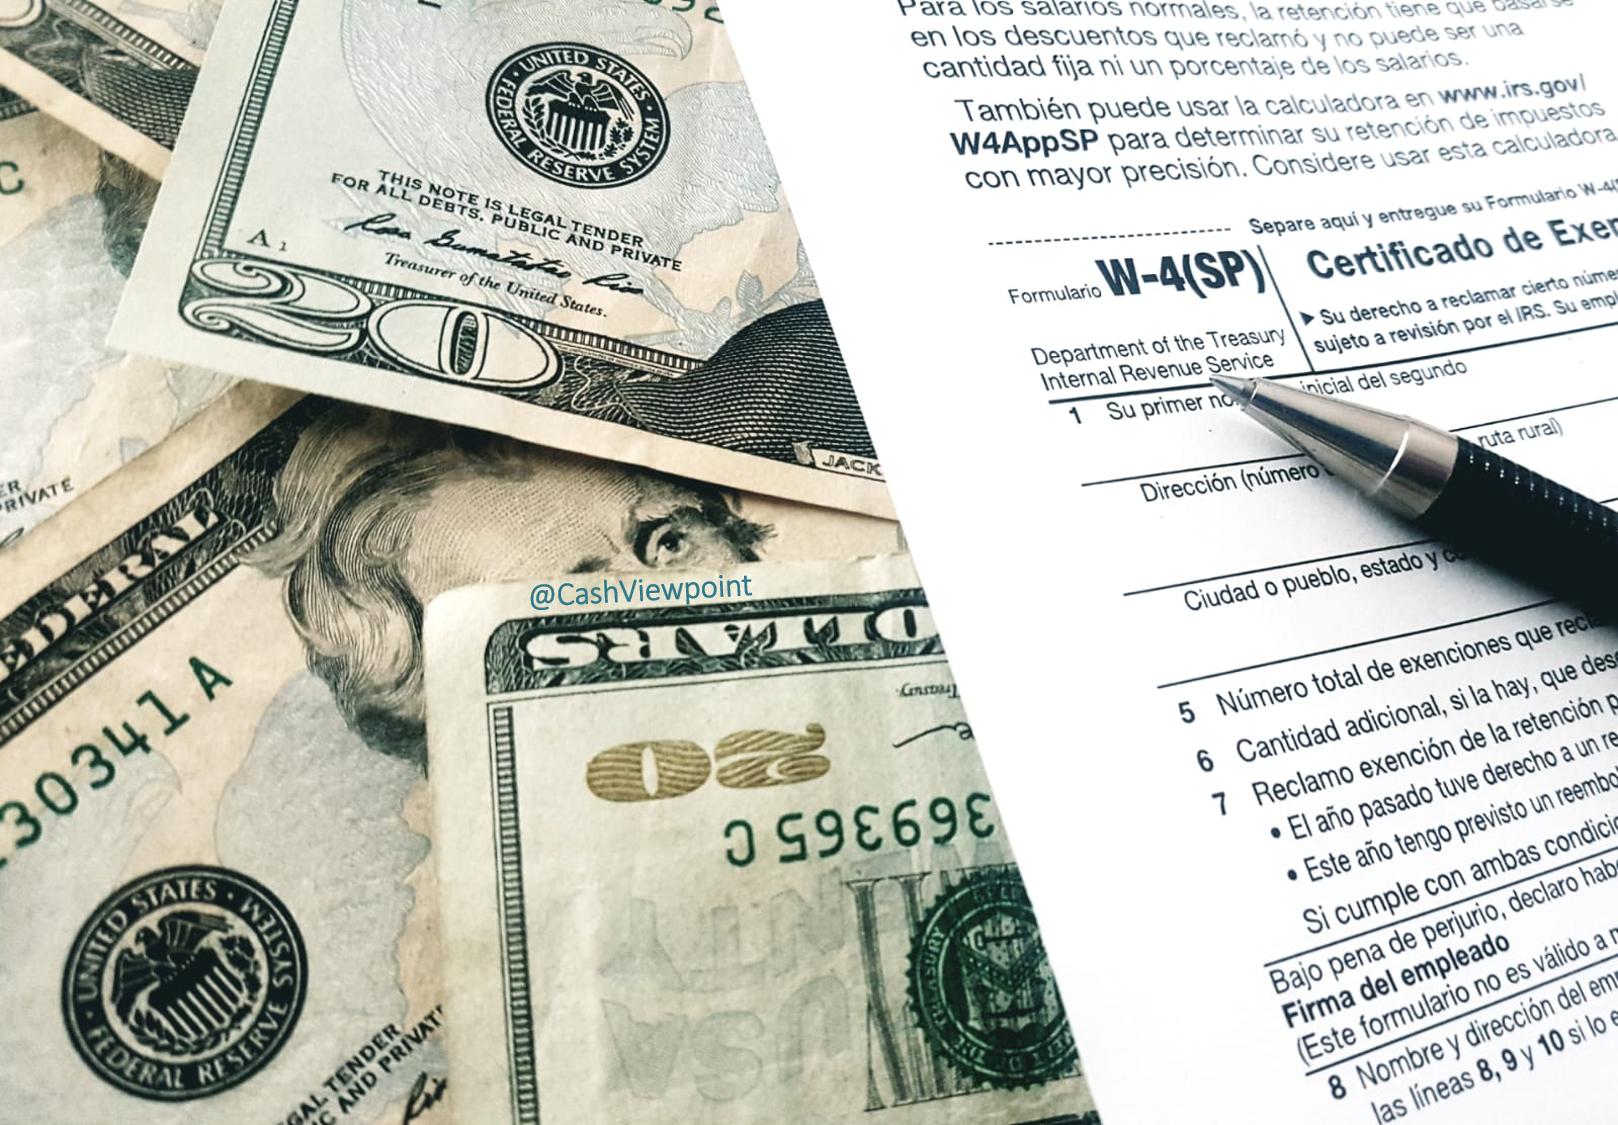 IRS extenderá la fecha límite para pagar impuestos debido al coronavirus